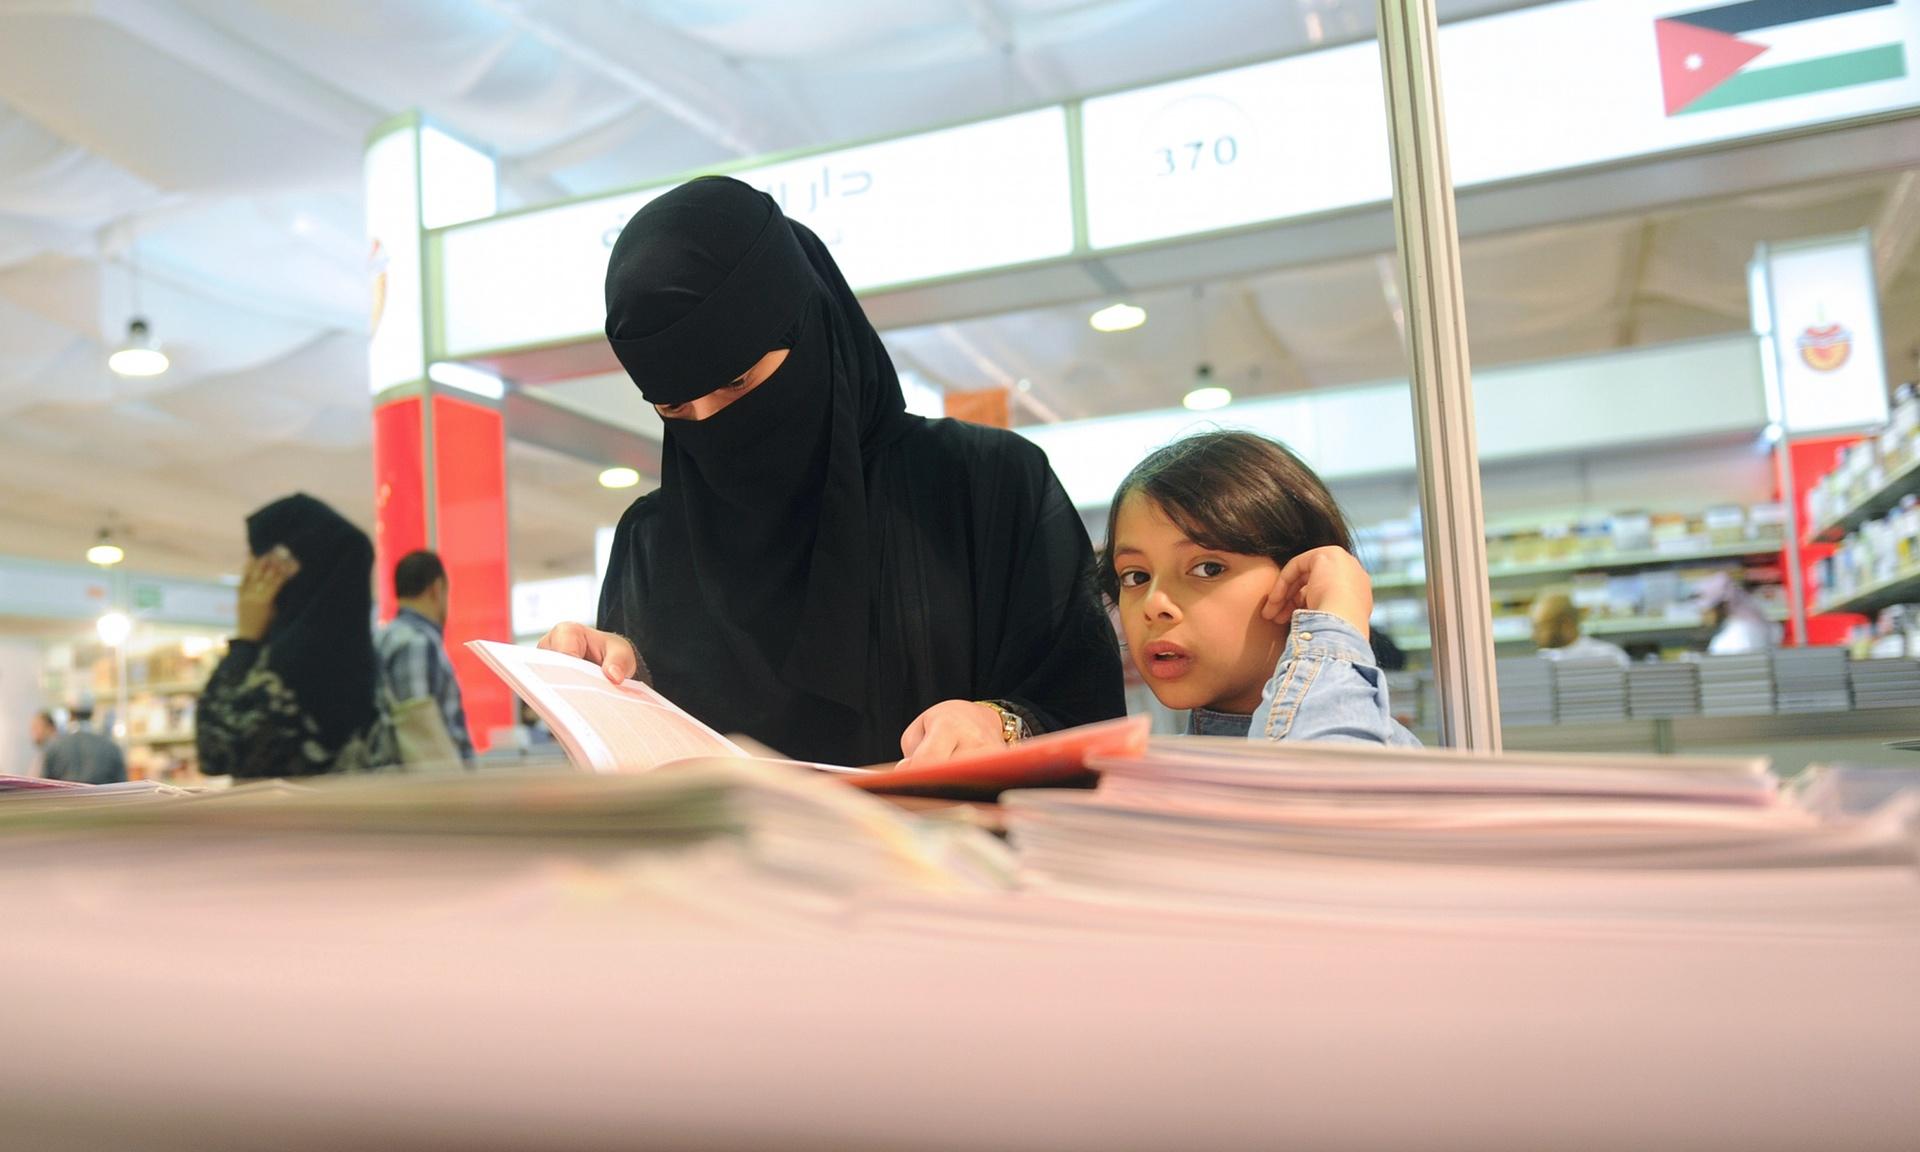 امرأة سعودية تحضر معرض للكتاب بجدة